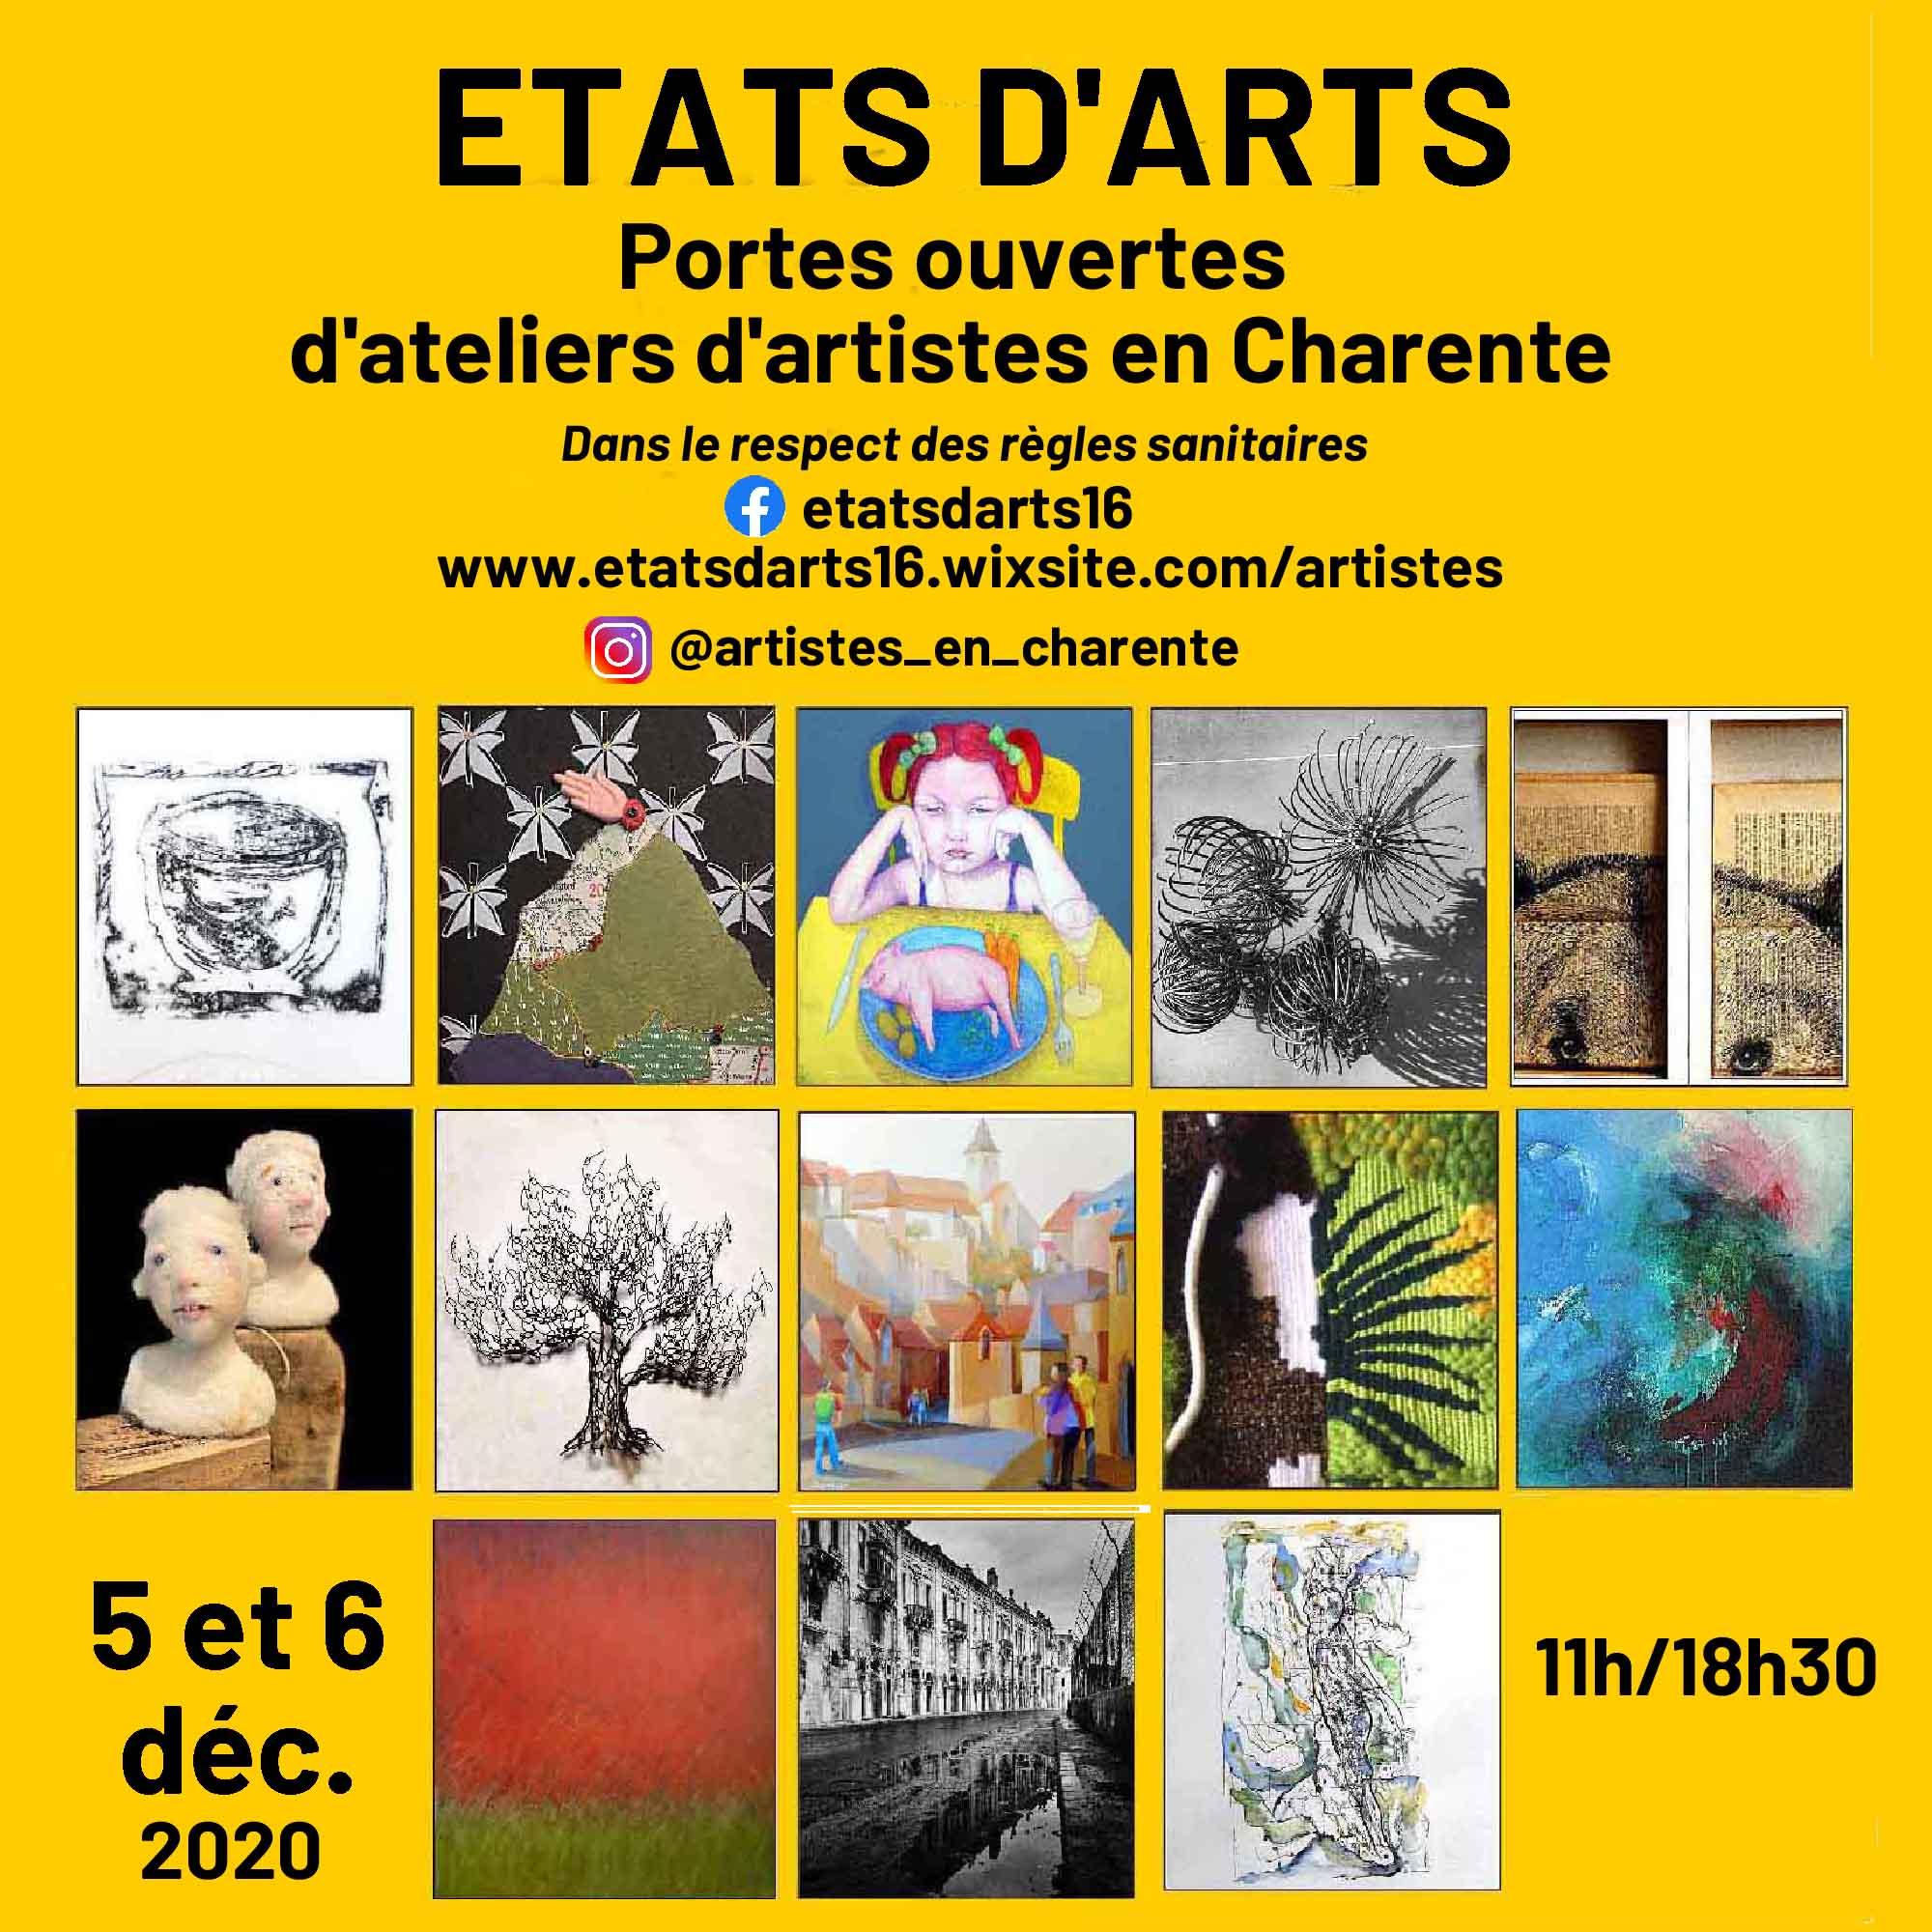 ETATS D'ARTS 2020